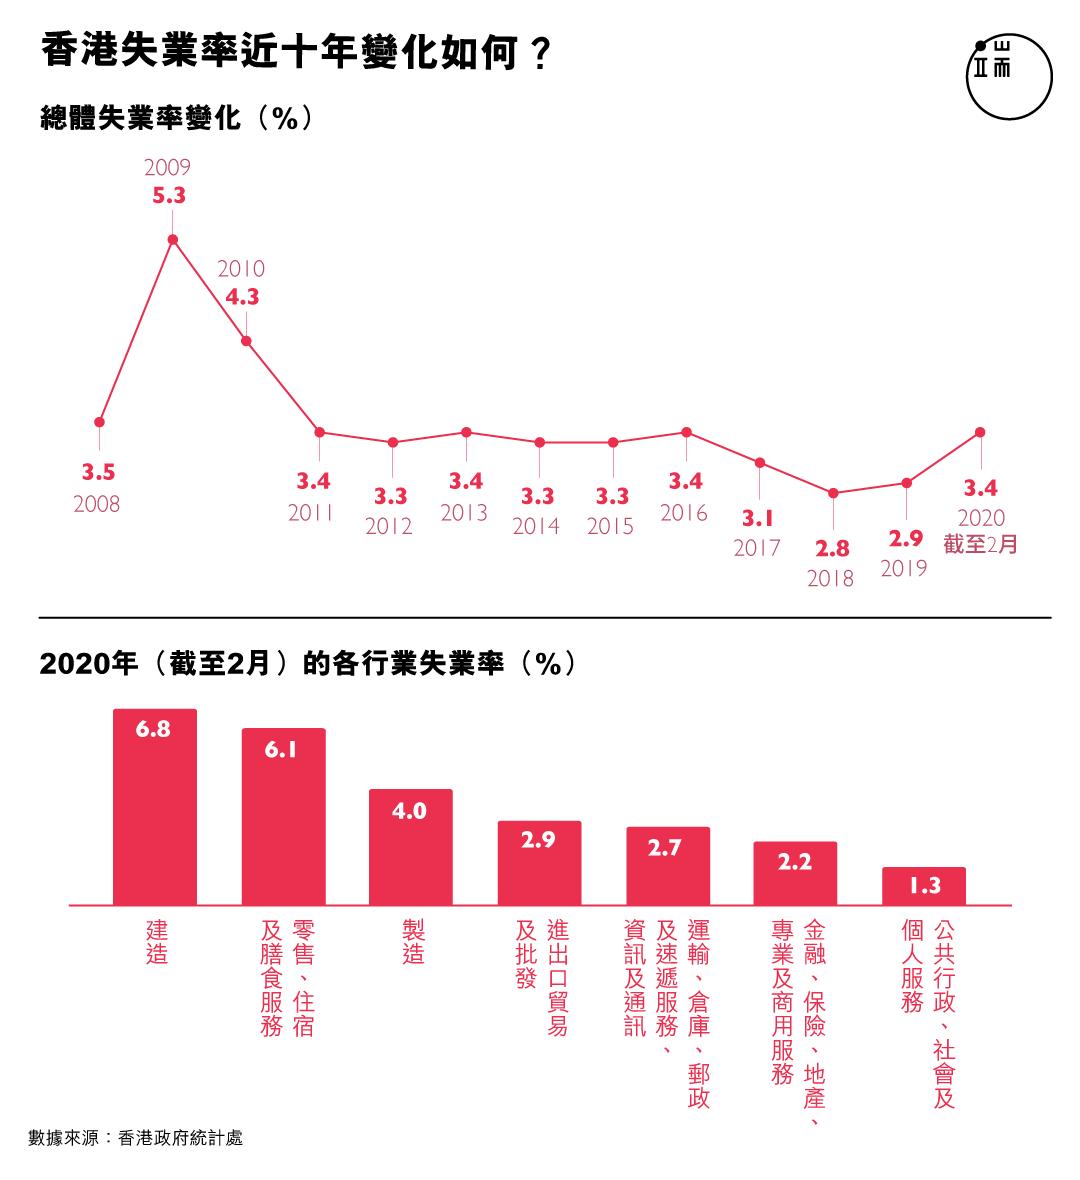 香港失業率近十年變化如何?